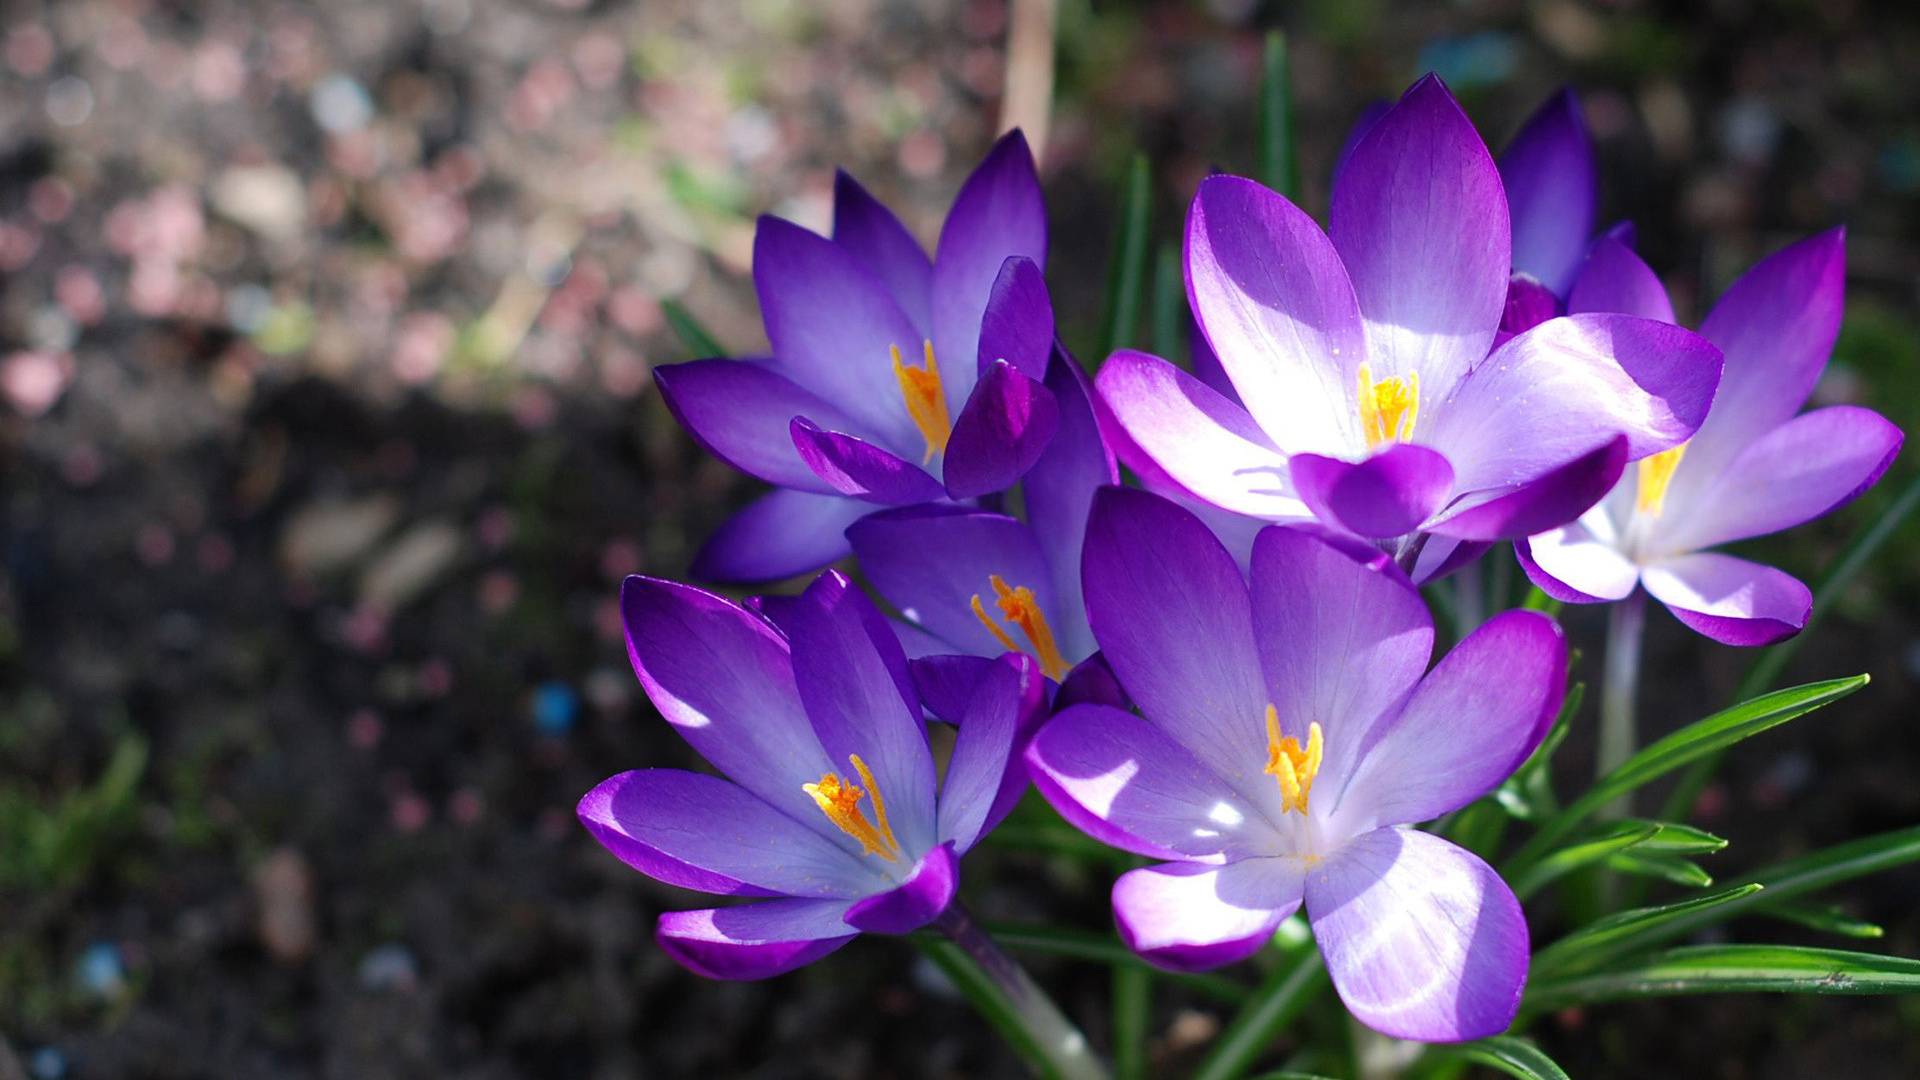 Крокусы, первоцвет, цветы, букет, природа, весна, макро